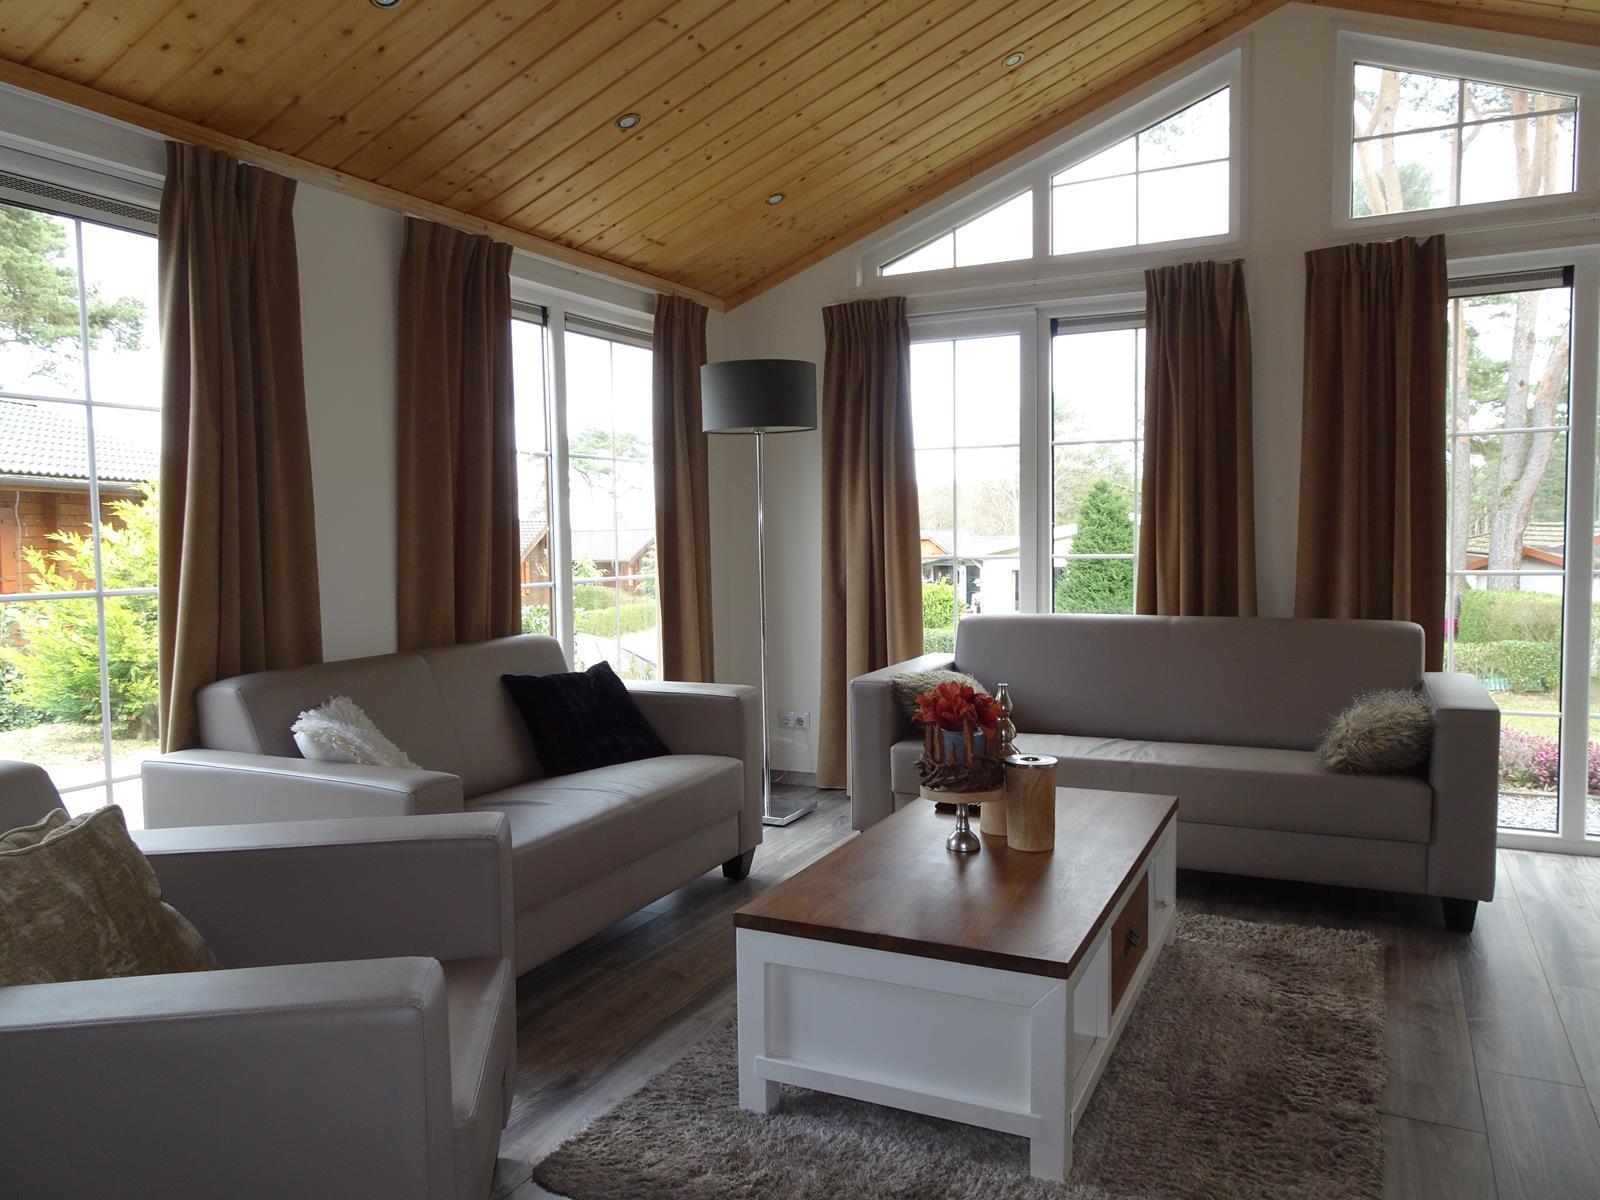 Vakantiehuis te koop Limburg Brunssum 002.jpg